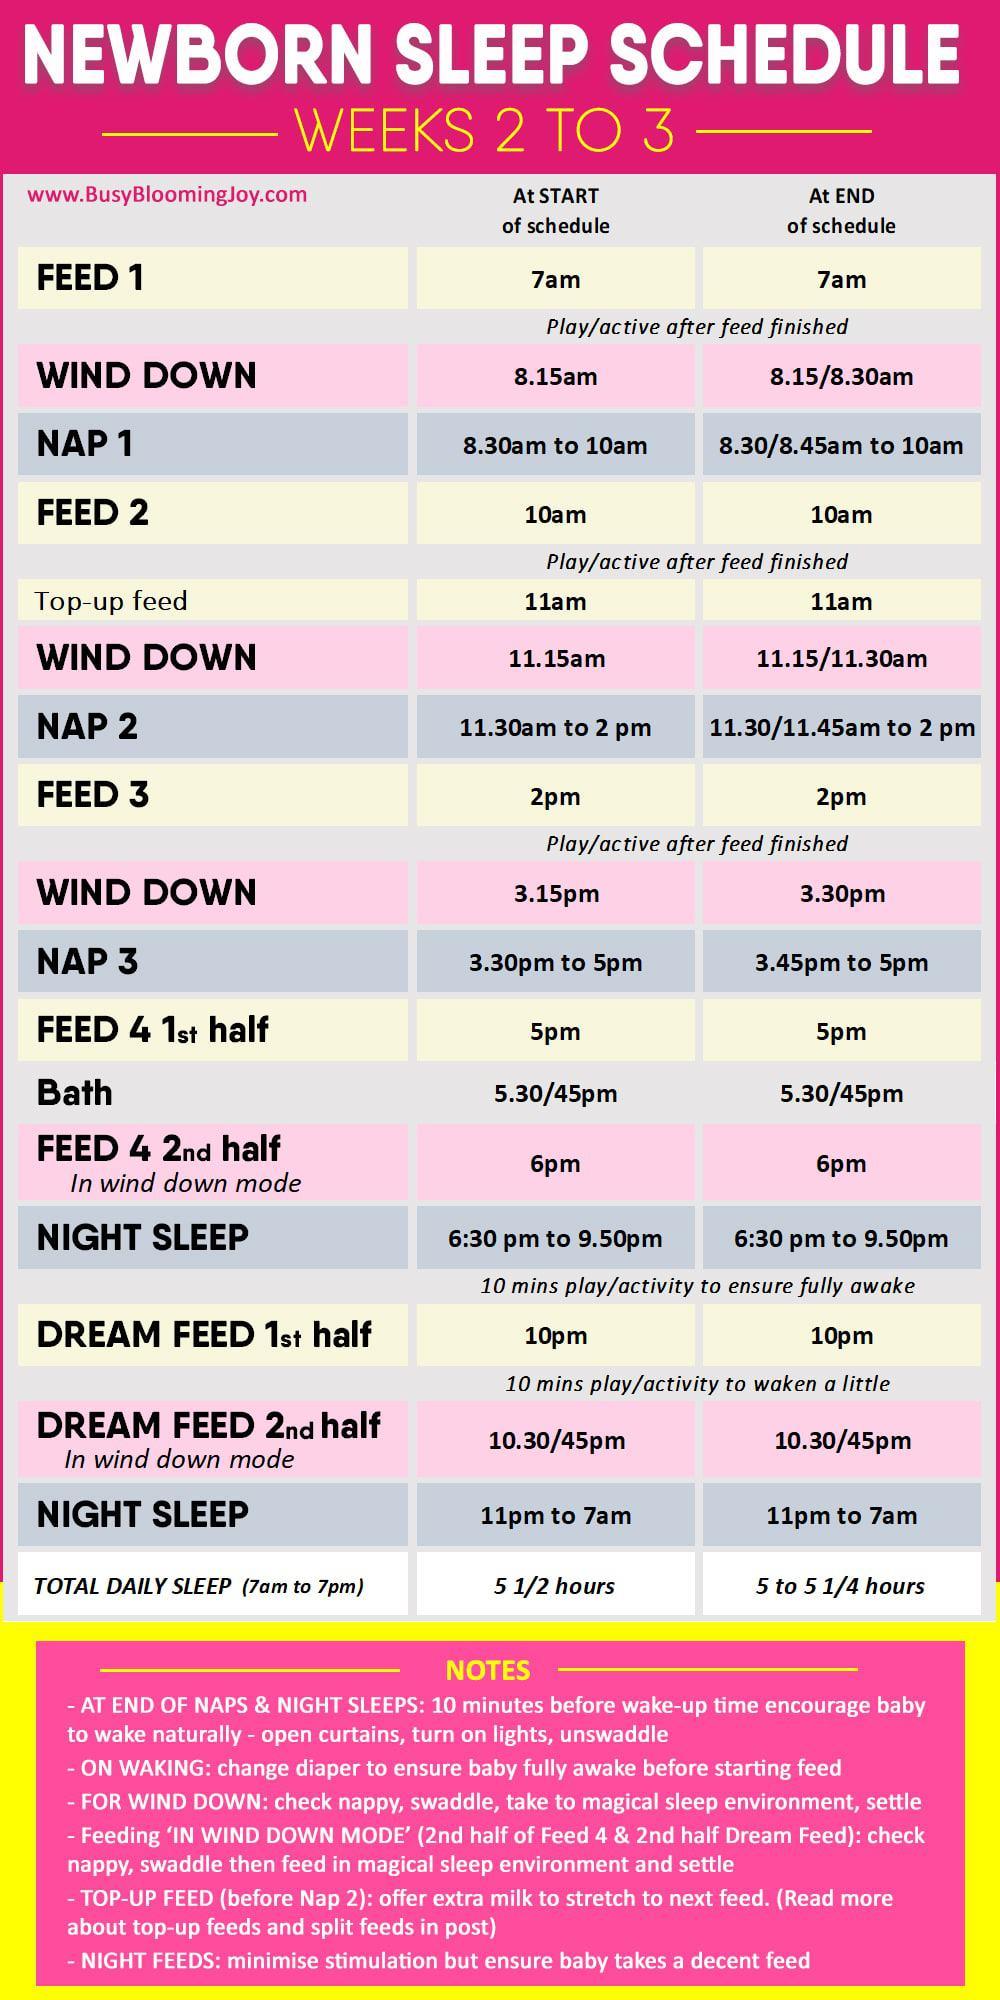 Newborn sleep schedule weeks 2-3